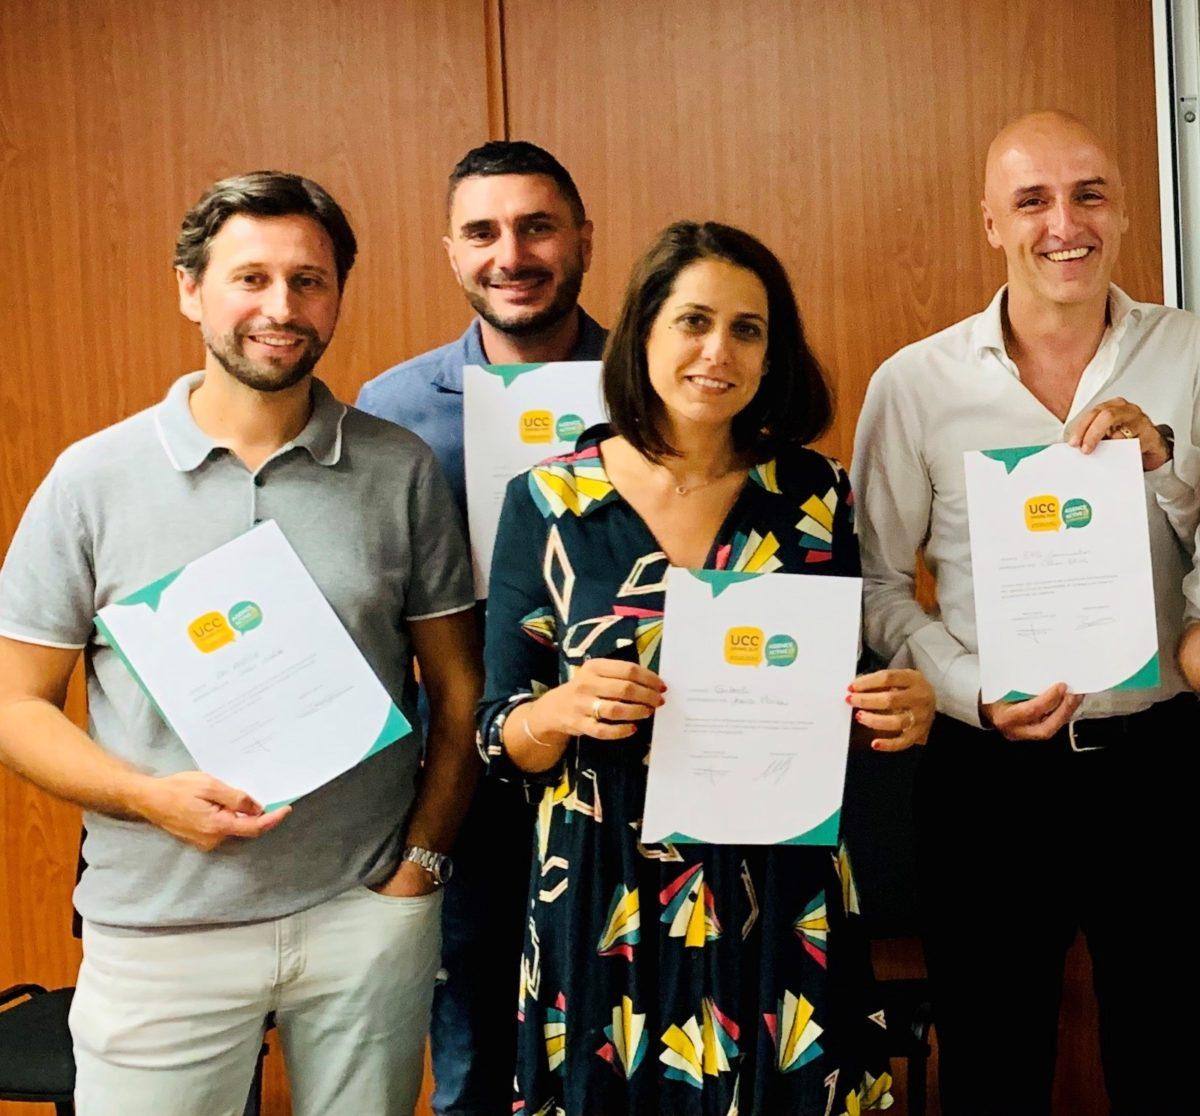 Signature Charte bonnes pratiques UCC Grand Sud